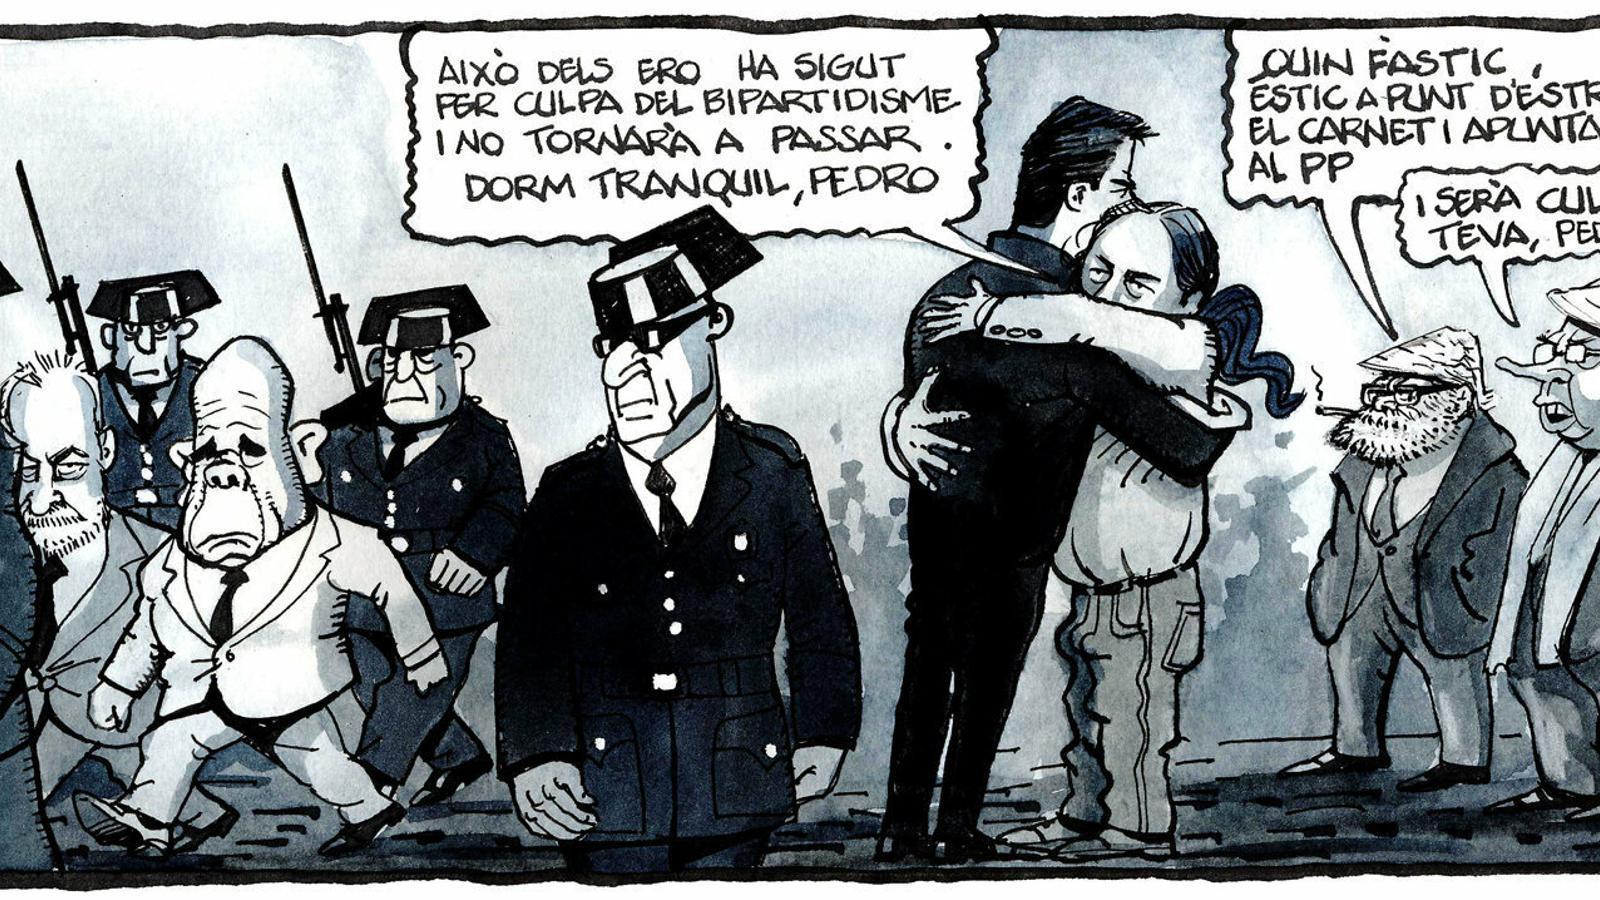 'A la contra', per Ferreres 22/11/2019